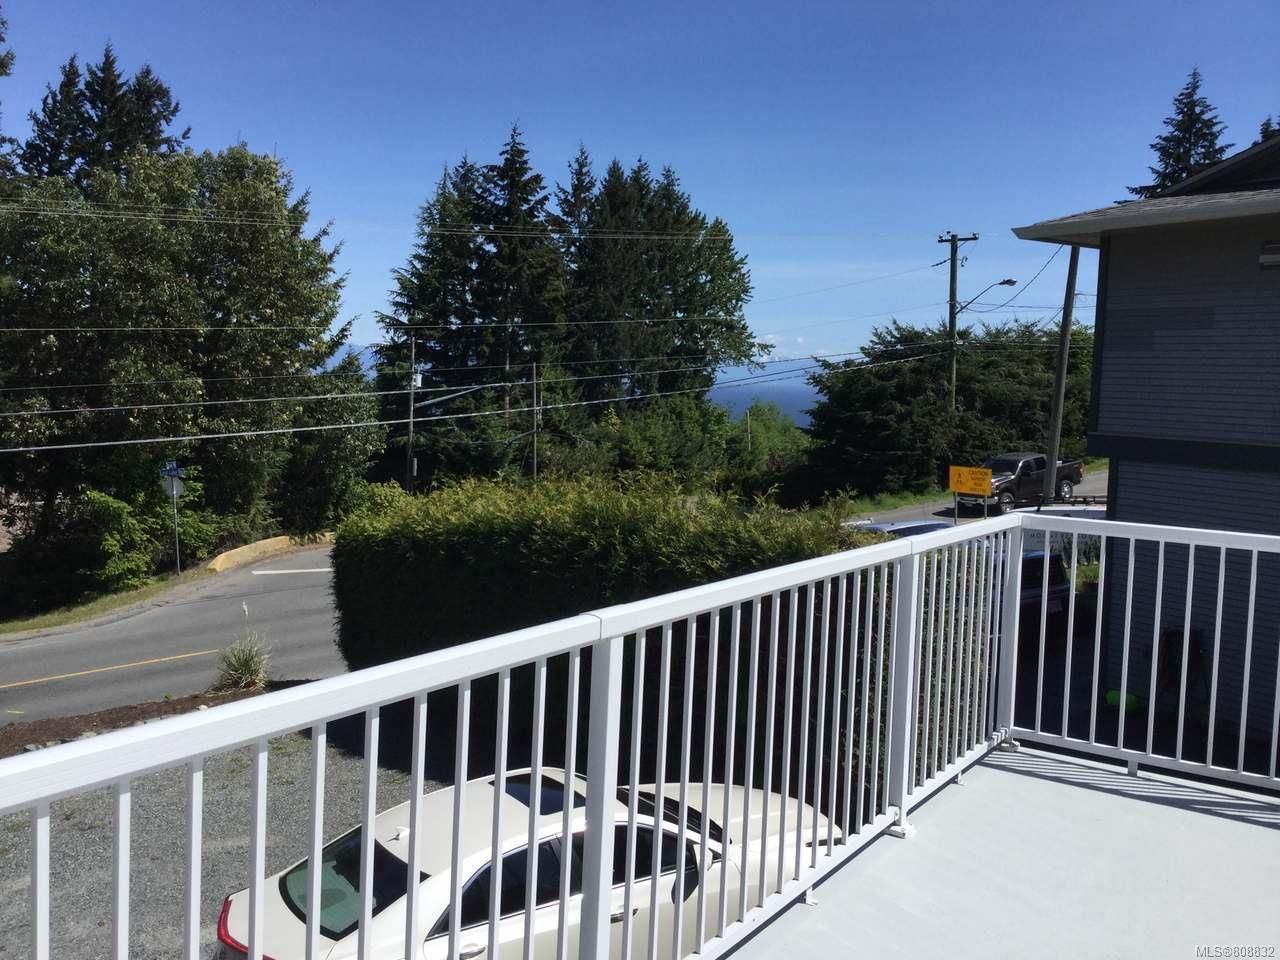 Photo 18: Photos: 5407 Lost Lake Rd in NANAIMO: Na North Nanaimo House for sale (Nanaimo)  : MLS®# 808832